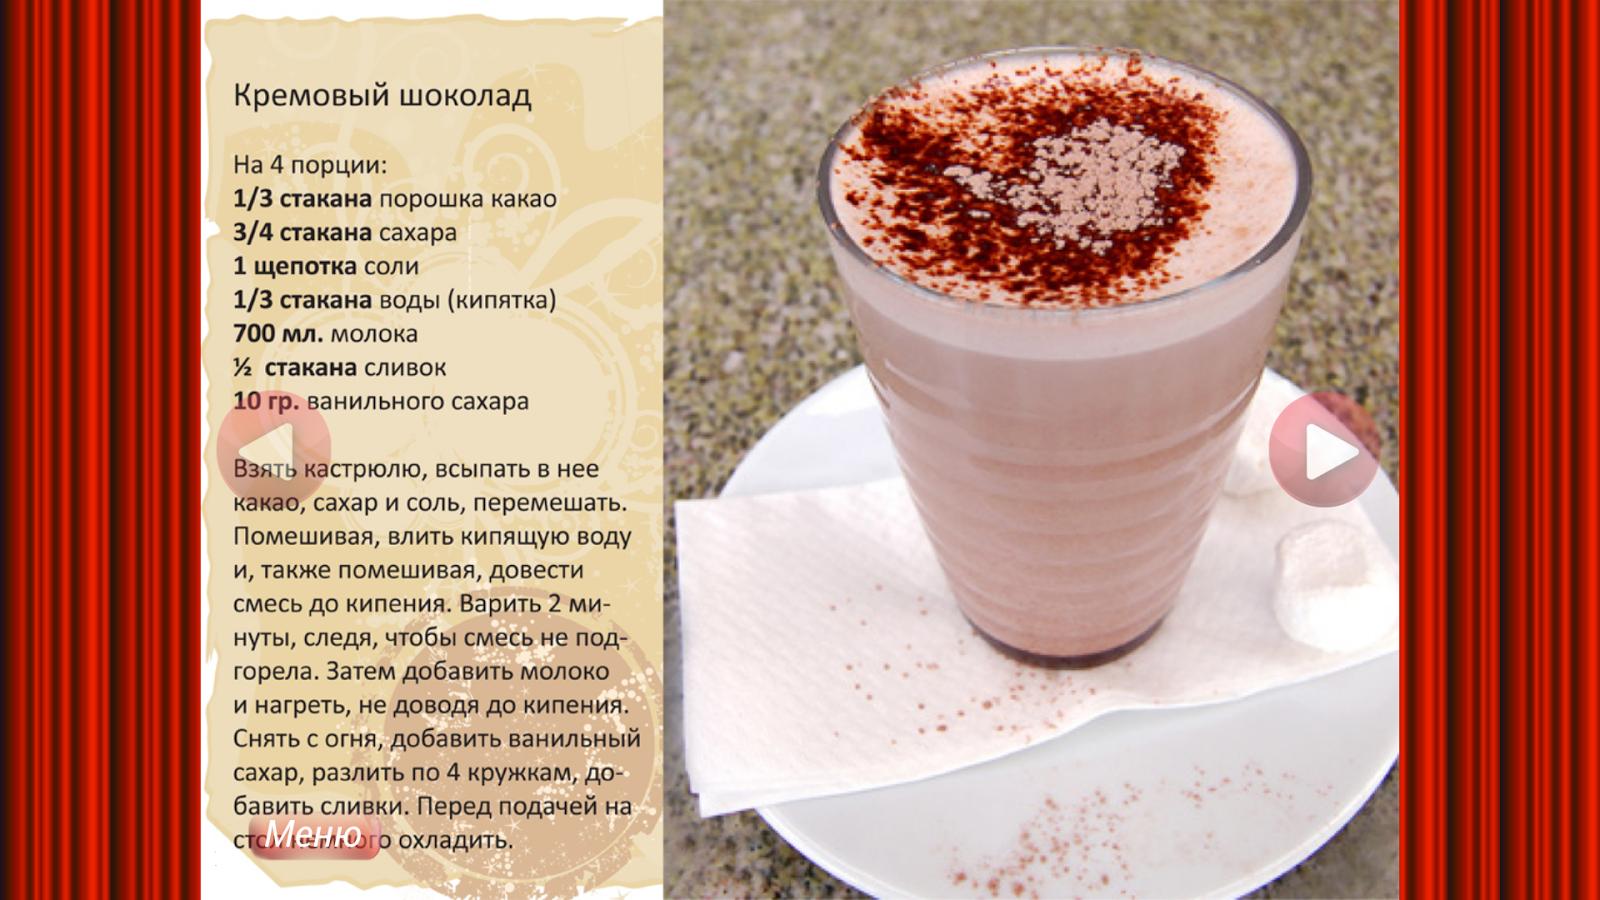 Рецепт шоколада с какао маслом с пошагово